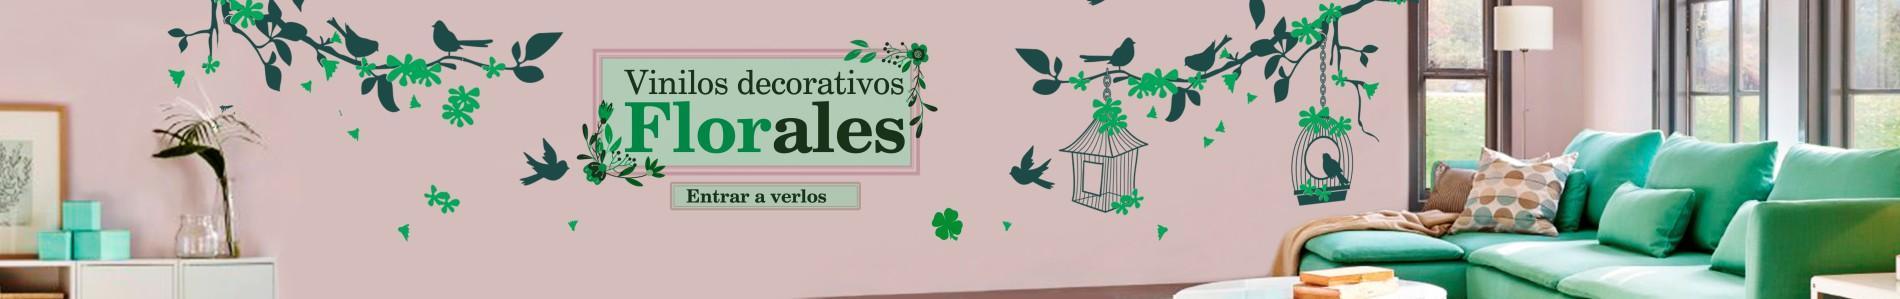 Comprar vinilos decorativos baratos en la tienda de las - Vinilos decorativos baratos ...